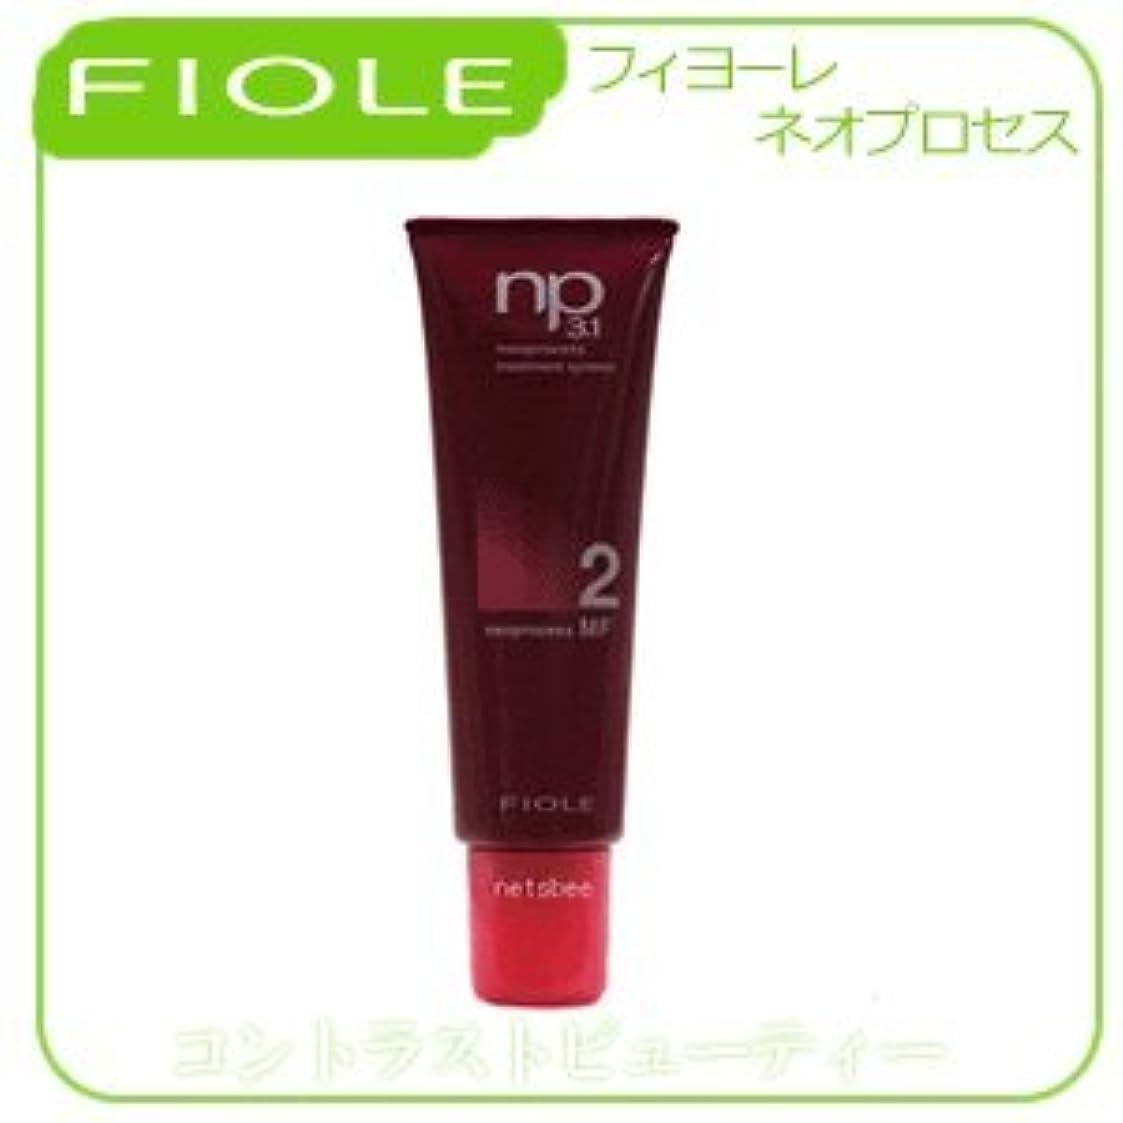 五十受け入れた連邦フィヨーレ NP3.1 ネオプロセス MF2 130g FIOLE ネオプロセス